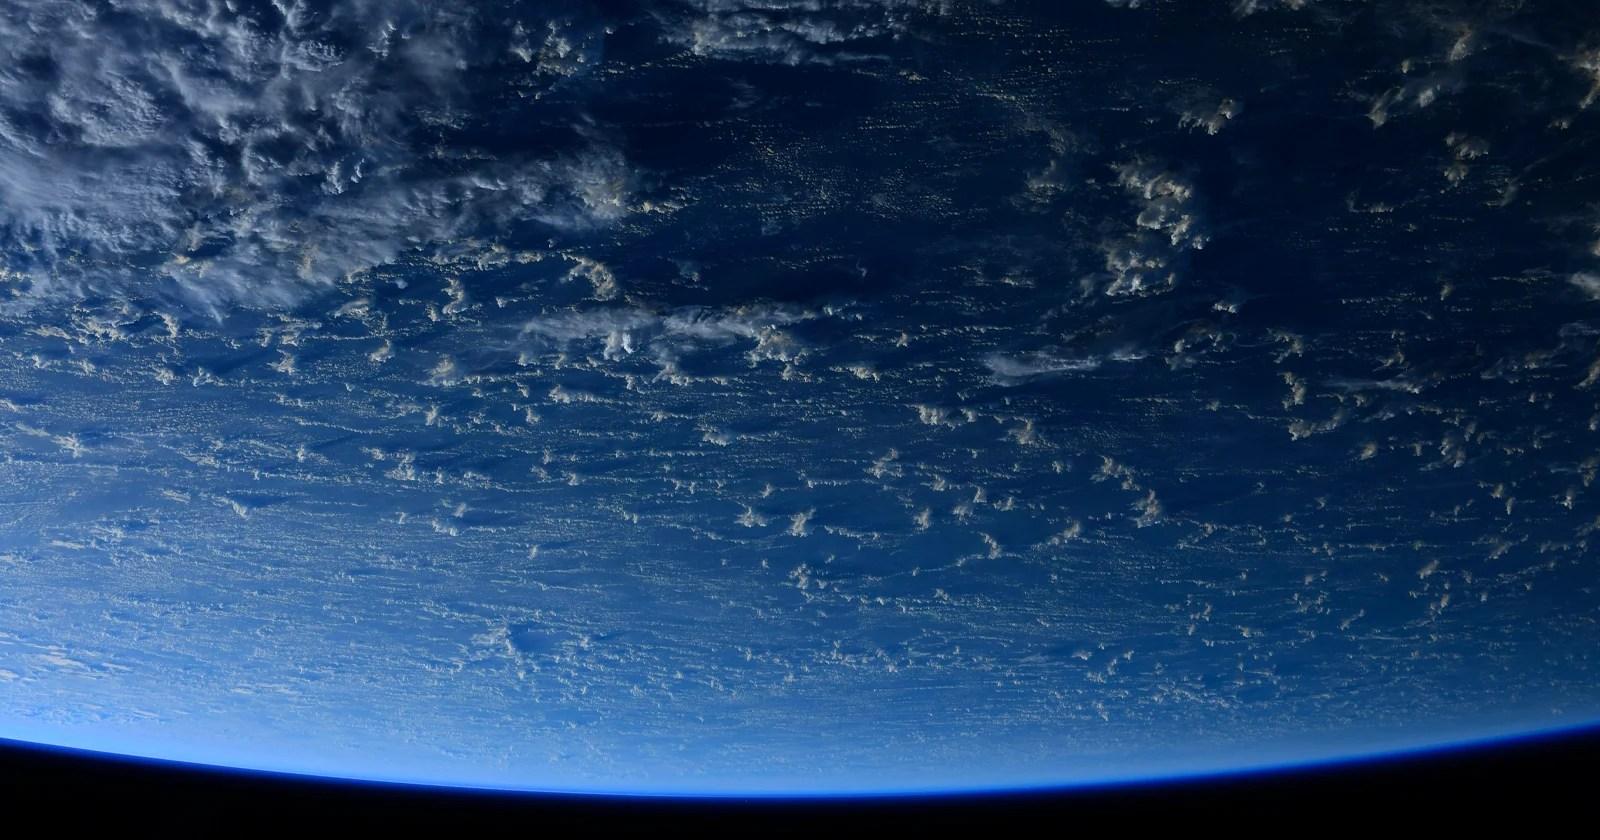 Queste foto dallo spazio fanno sembrare la Terra un mondo acquatico